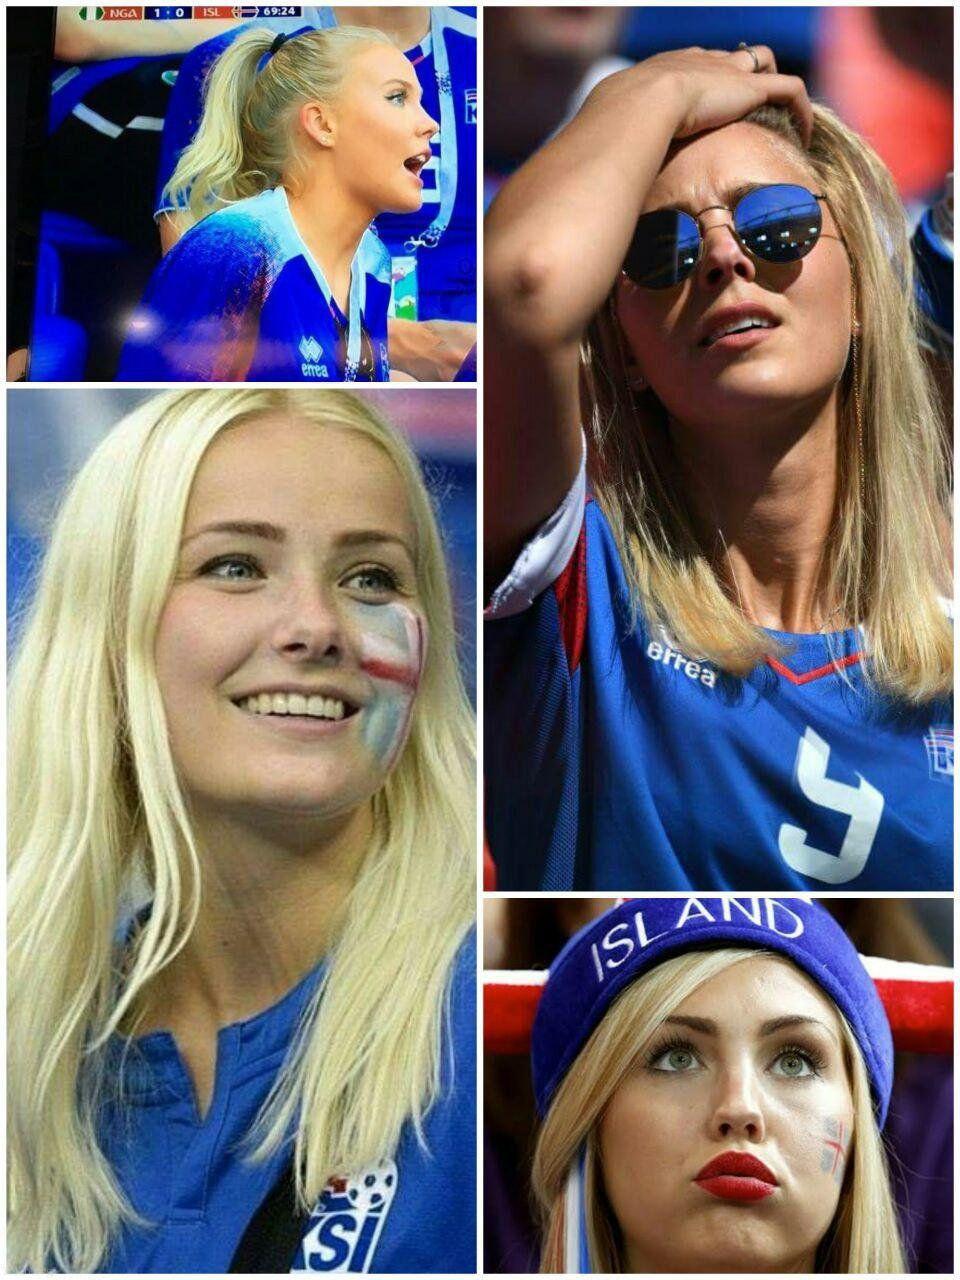 عكس هاي دختران زيبا در جام جهاني 2018 روسيه |عكسهاي فوتبالي جام جهاني روسيه